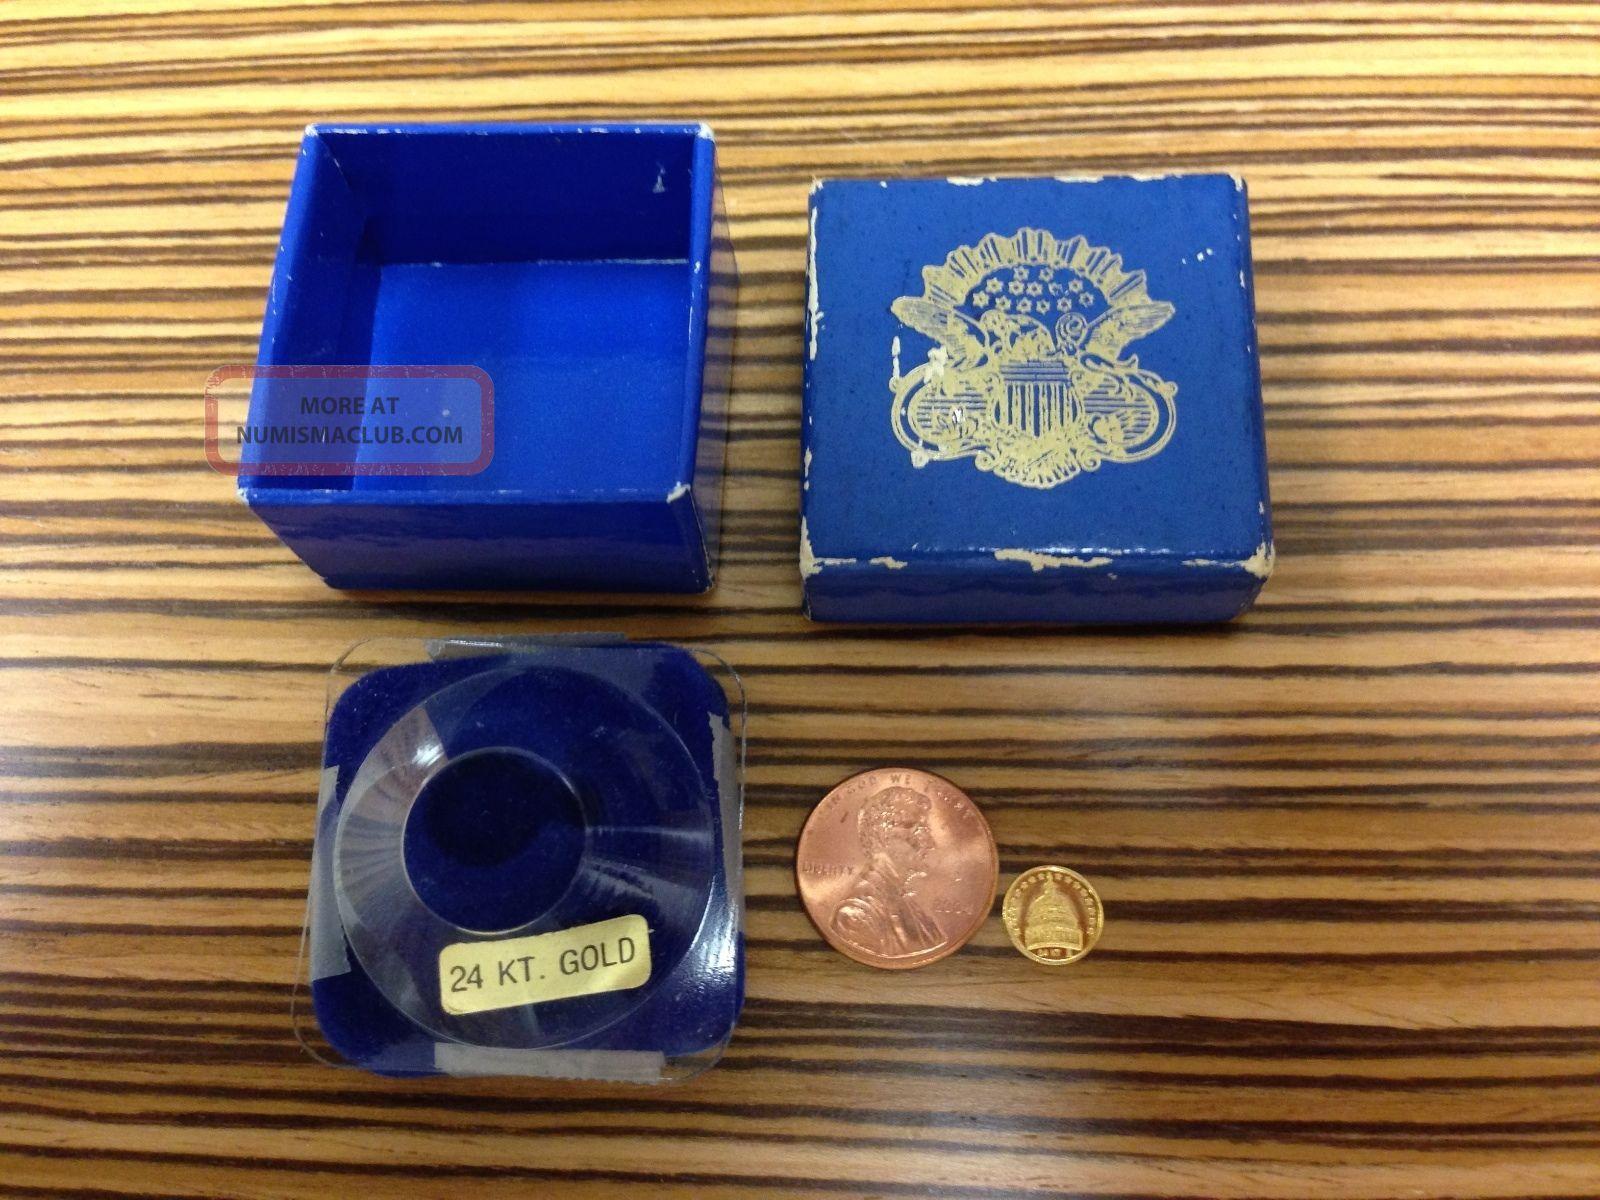 1981 ronald reagan gold coin